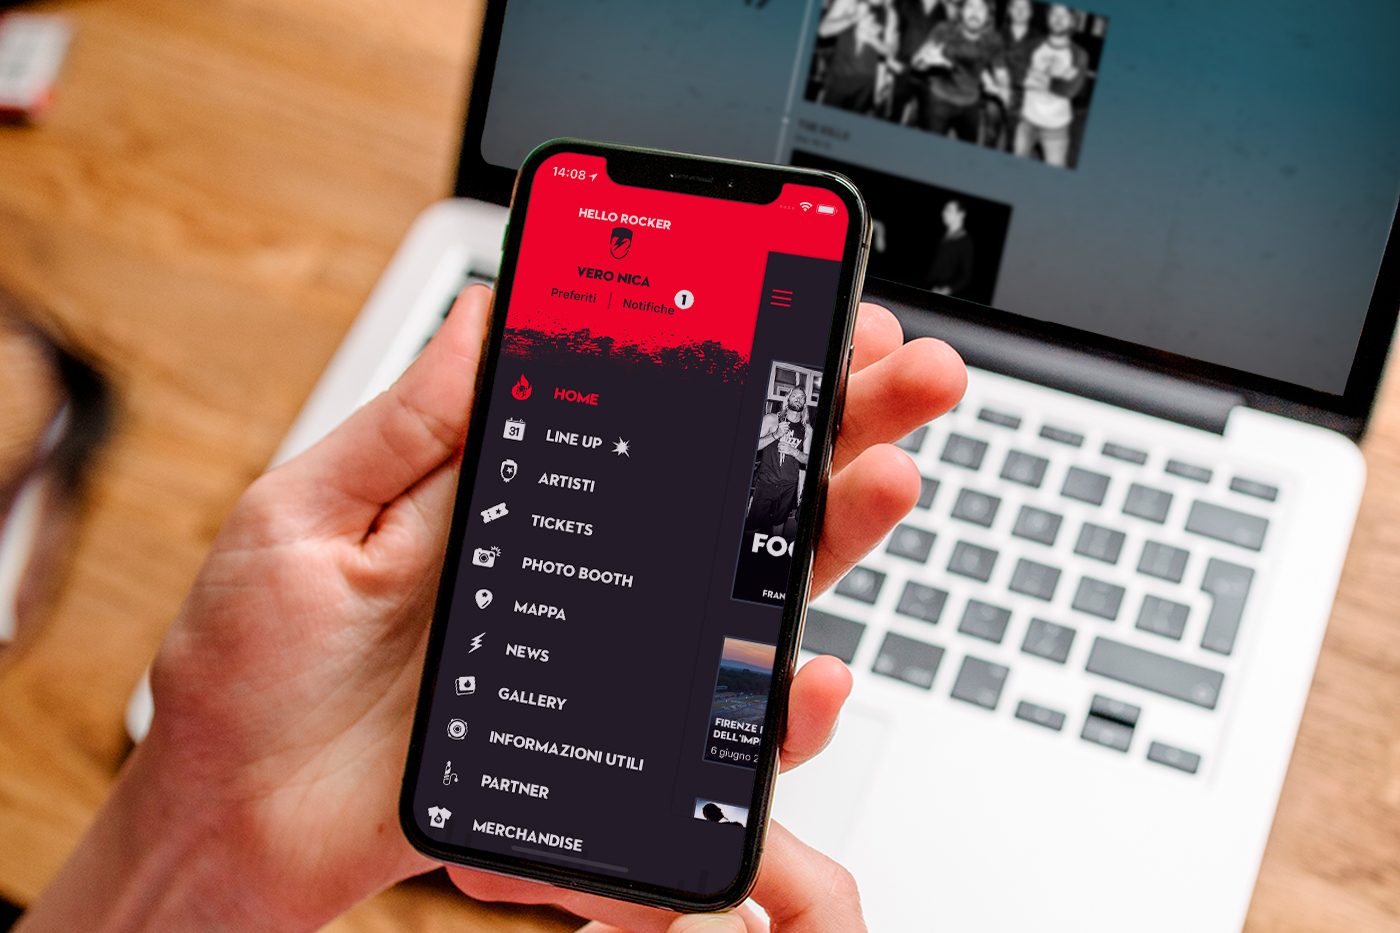 L'azienda campana Bitdrome scelta per l'app ufficiale del Firenze Rocks